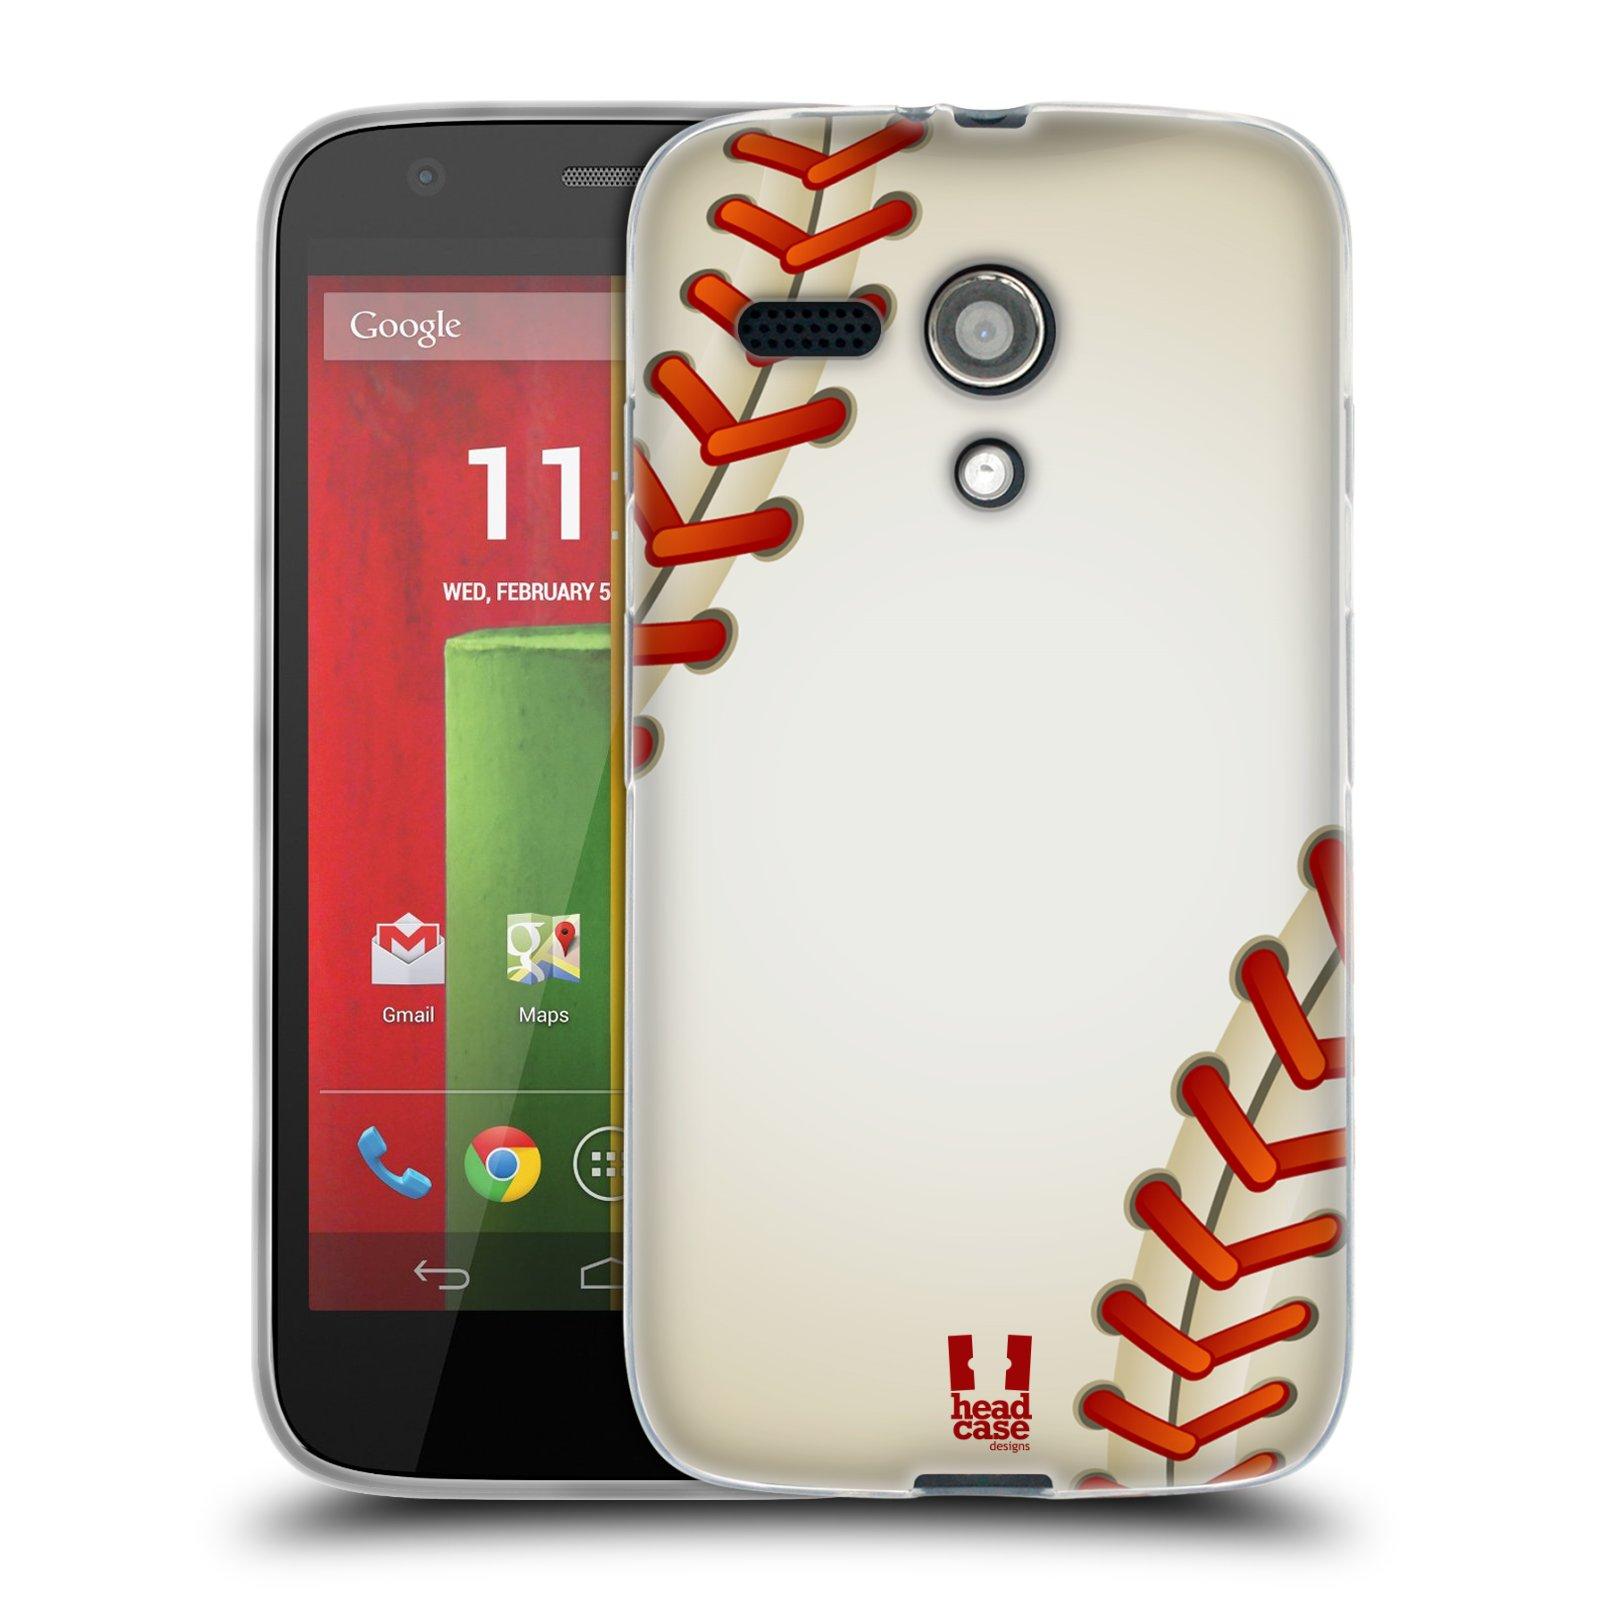 Silikonové pouzdro na mobil Motorola Moto G HEAD CASE KRIKEŤÁK (Silikonový kryt či obal na mobilní telefon Motorola Moto G)